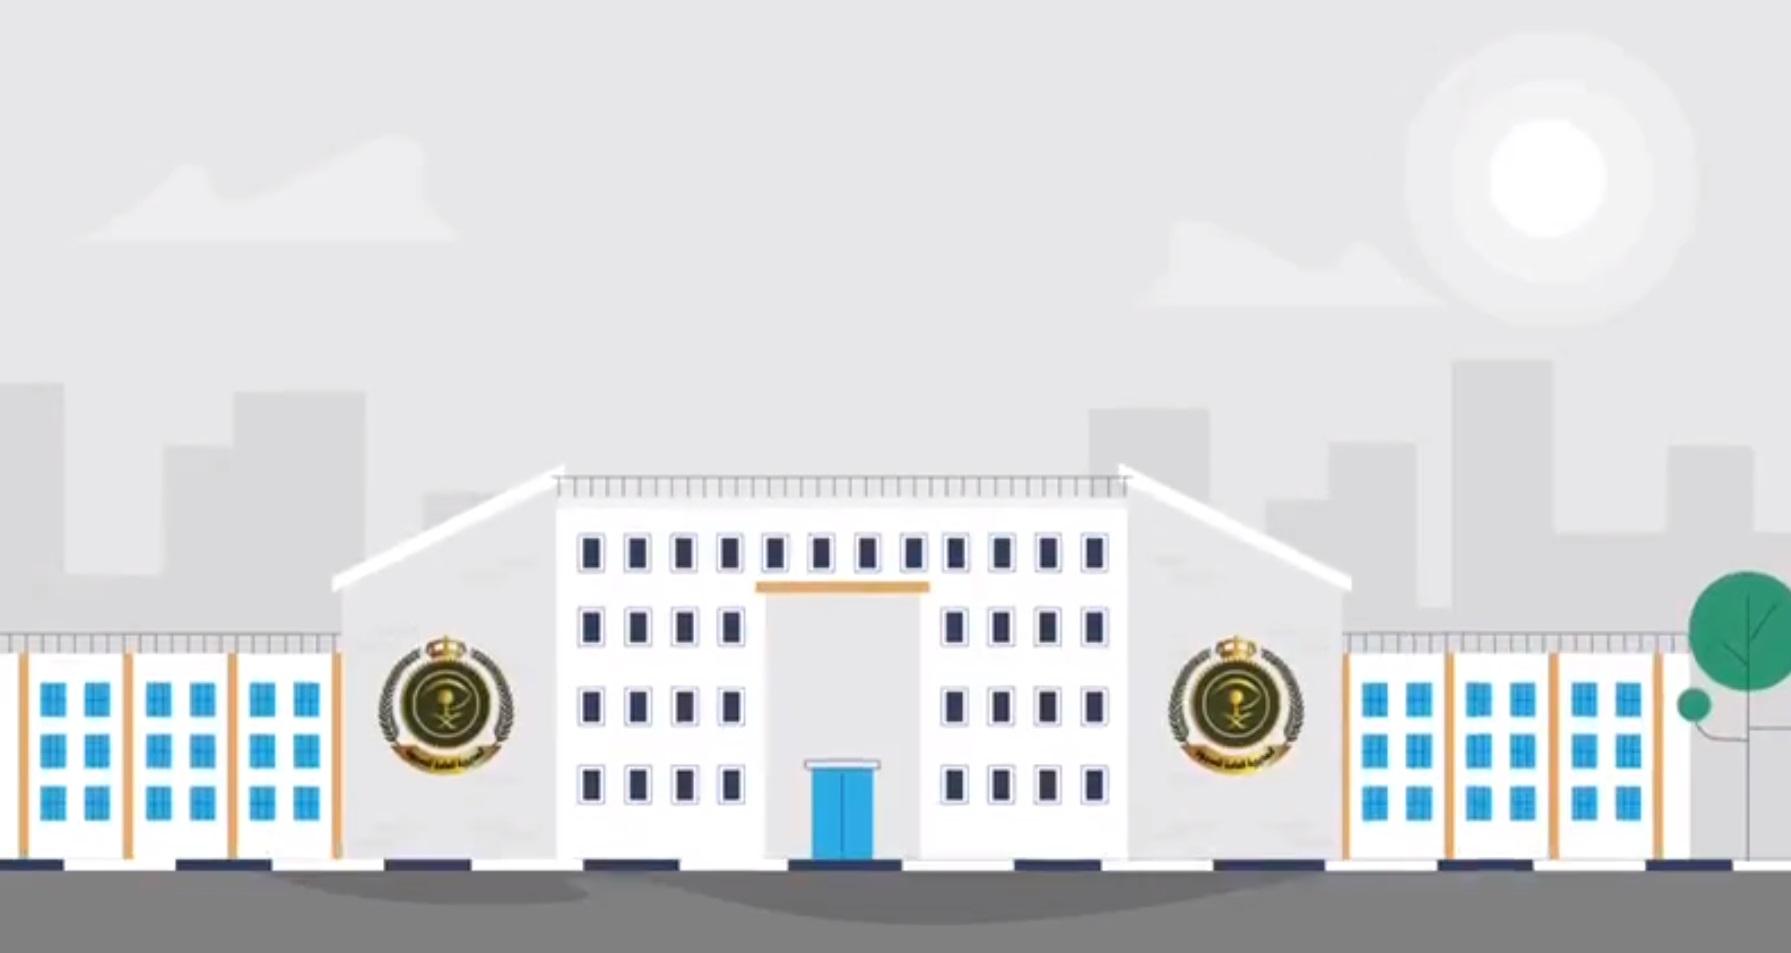 بالفيديو.. مراكز أعمال في السجون بإنترنت ومميزات للموقوفين - المواطن